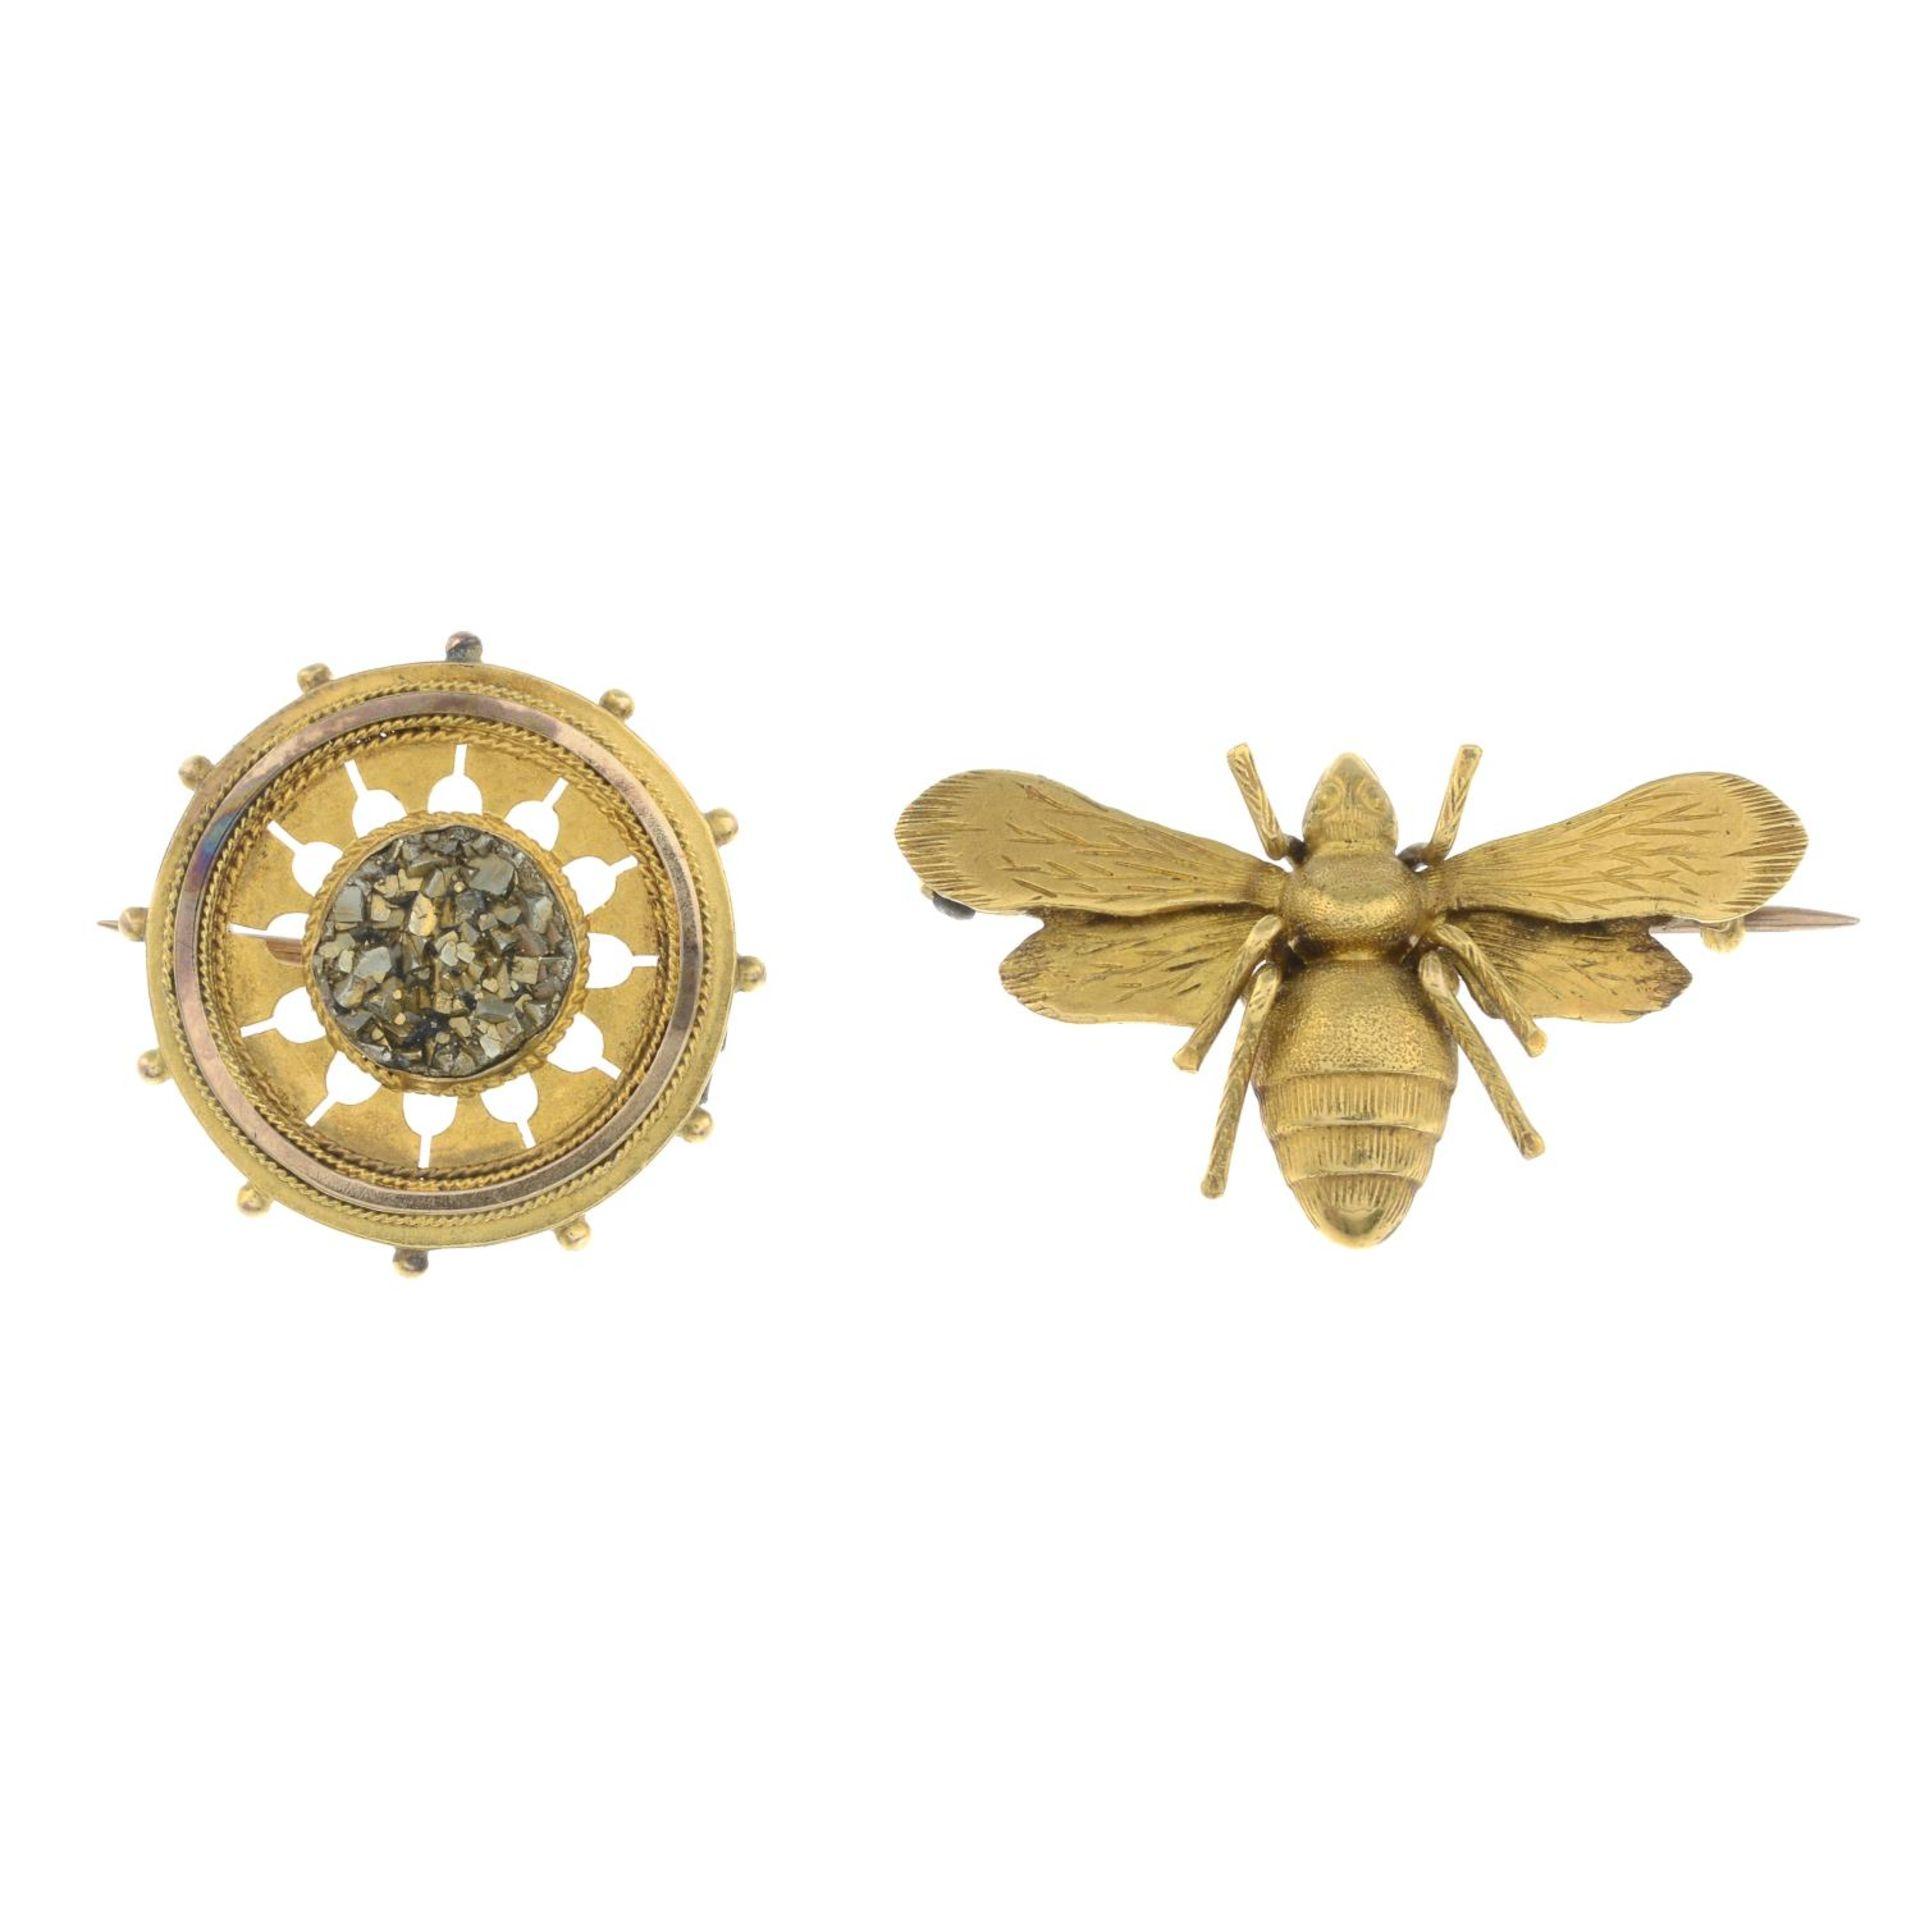 Edwardian gold pyrite circular brooch,